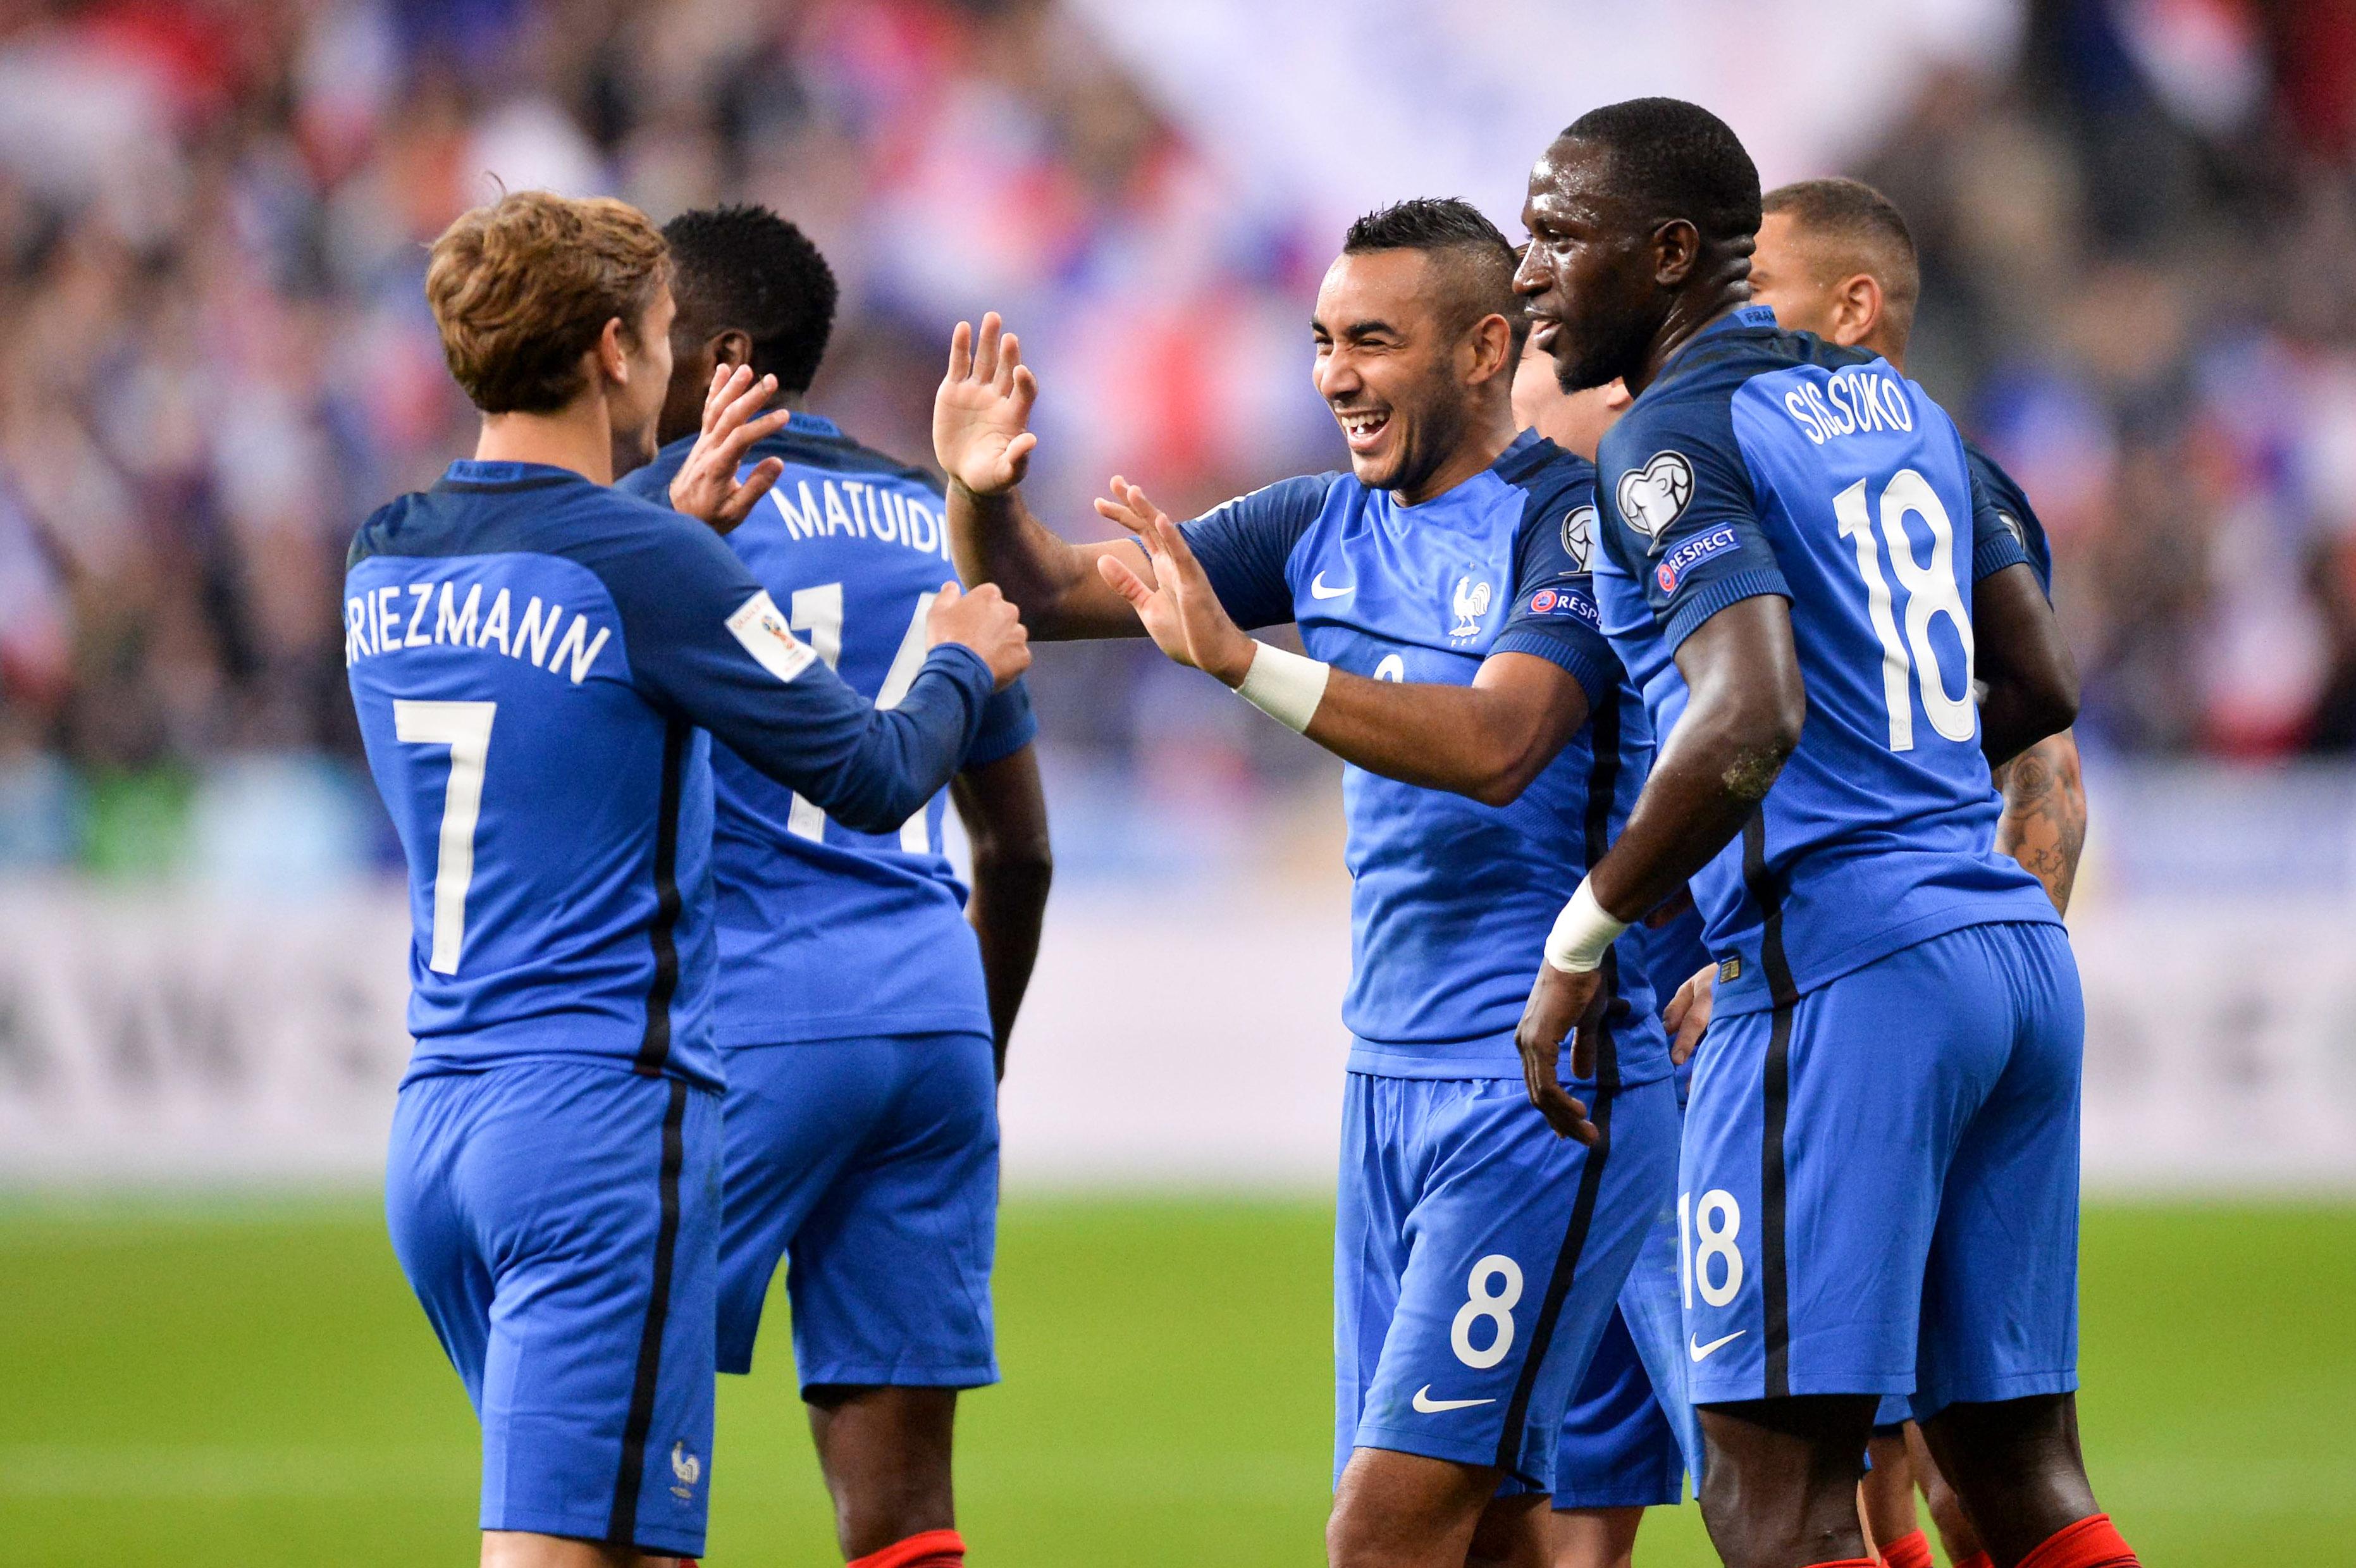 Football - Equipe de France - France-Bulgarie : les chiffres clés du beau succès français